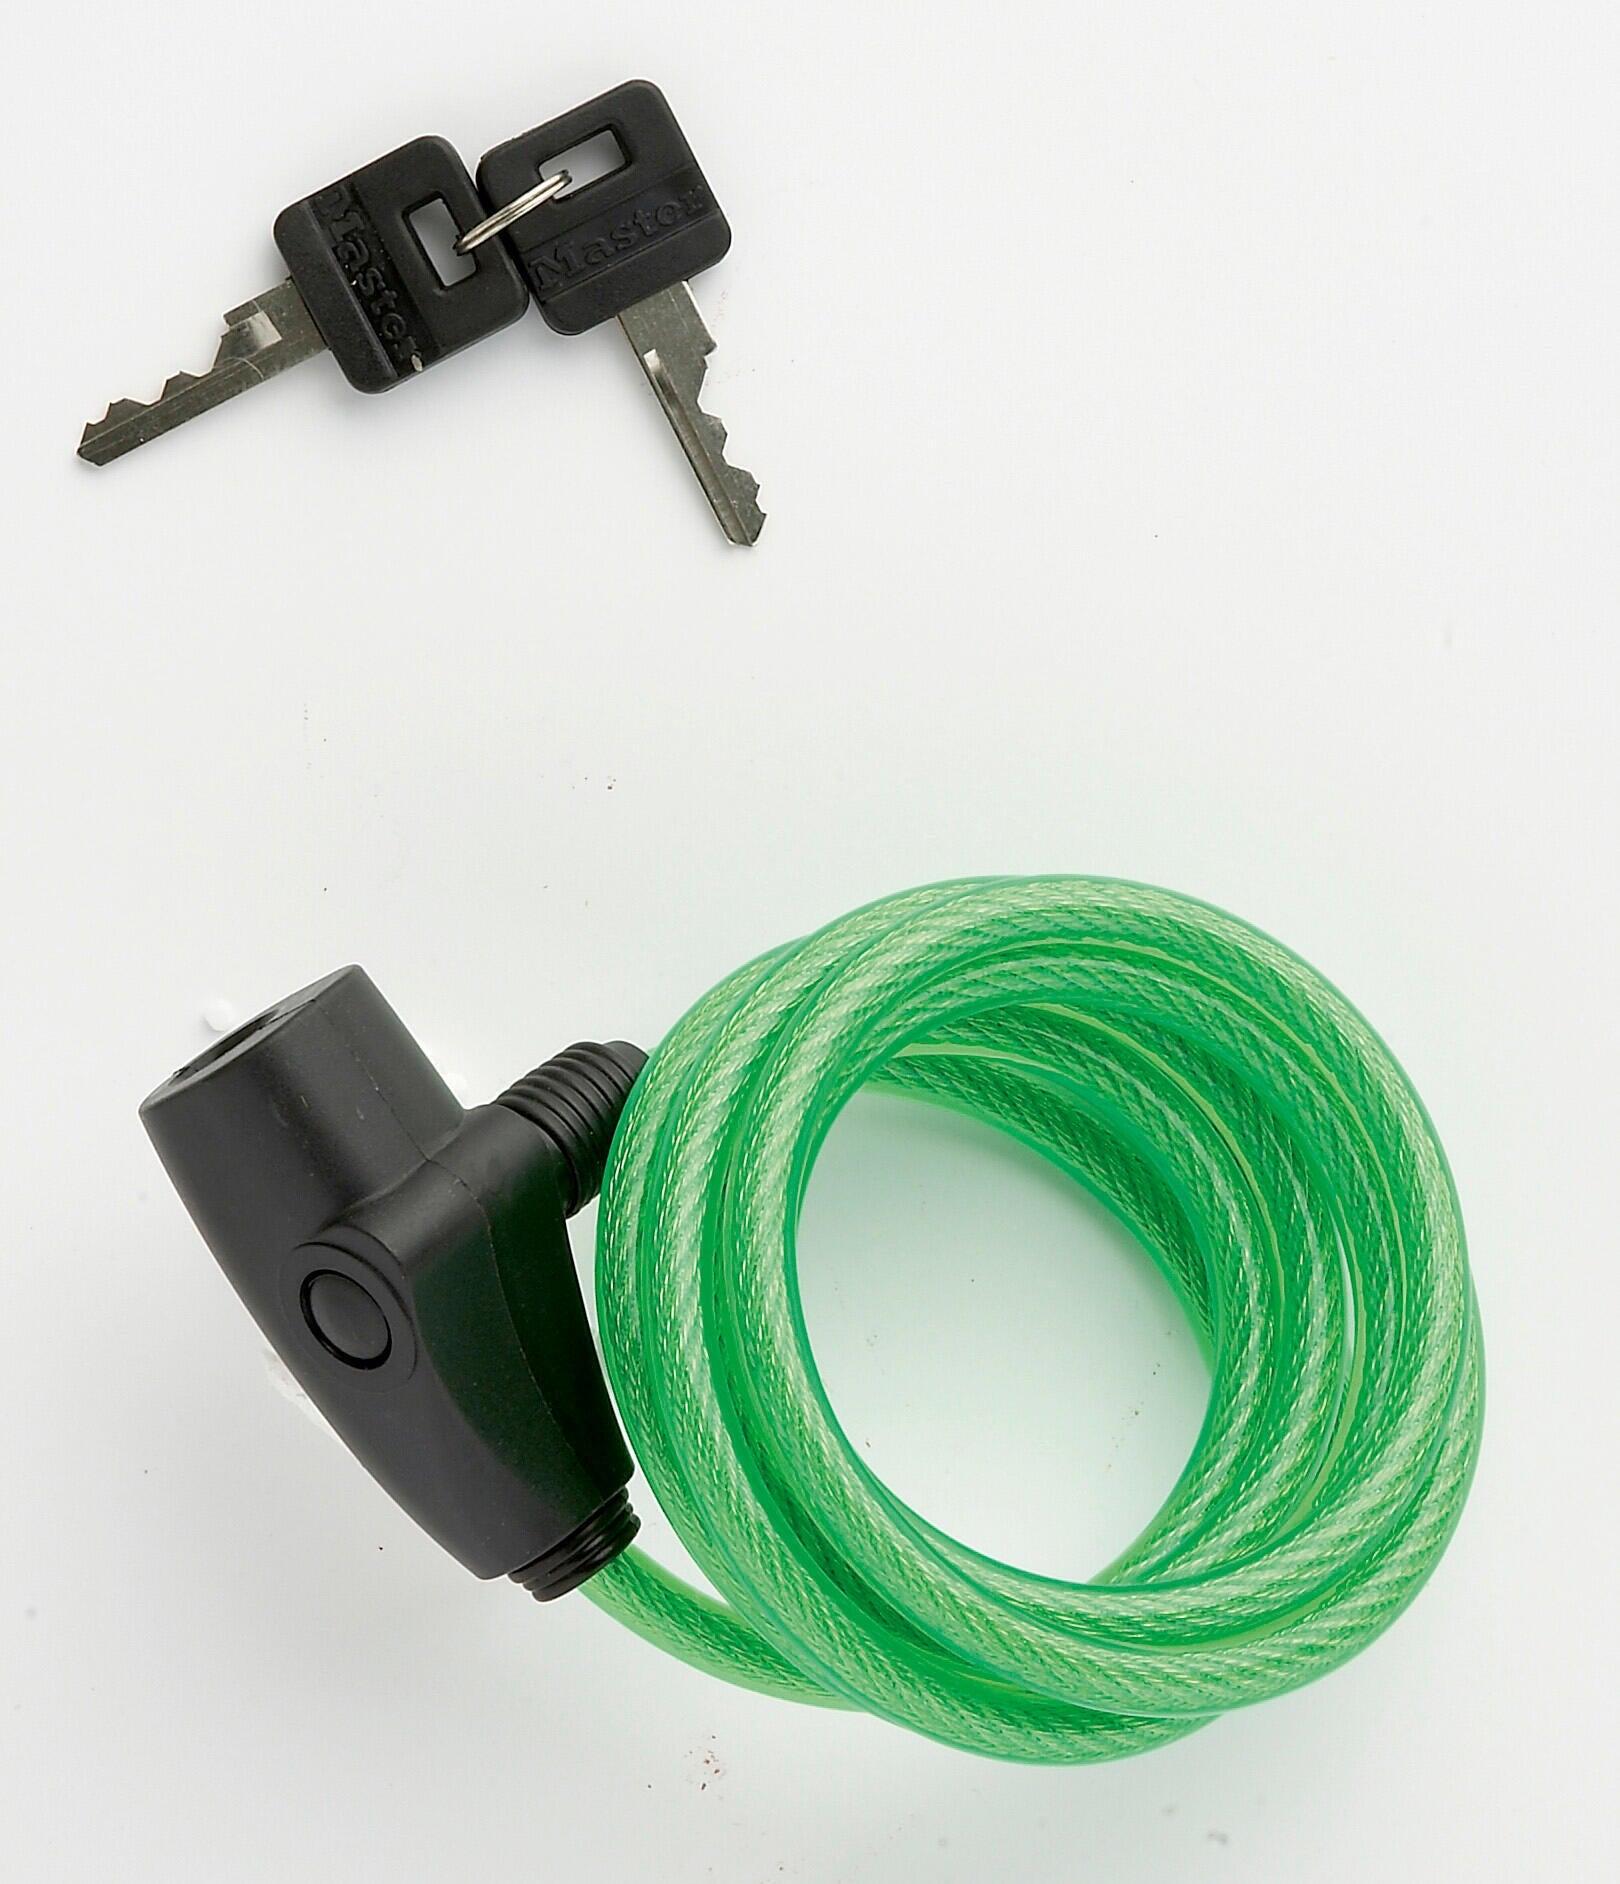 Cavo antifurto semirigido MASTER LOCK 8127EURDPRO L 1.8 m x Ø 8 mm - 3